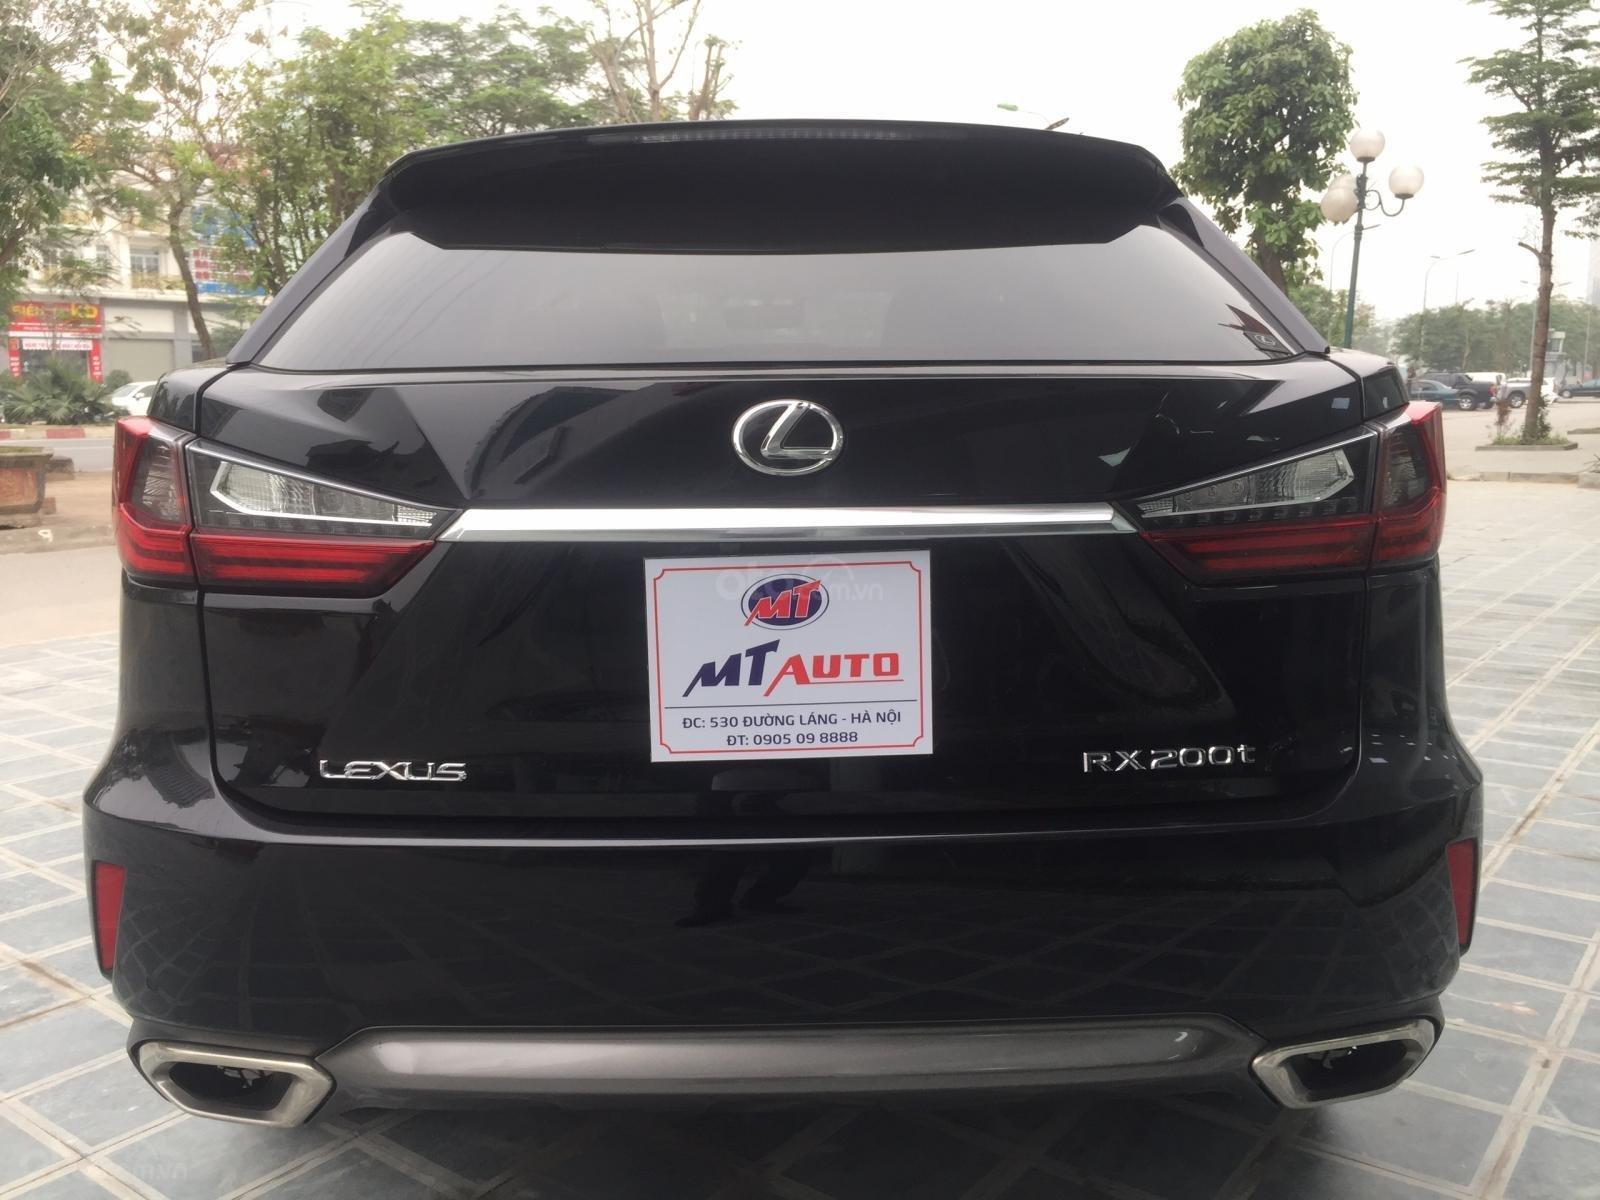 Bán Lexus RX 200T SX 2016, giá tốt giao ngay LH 094.539.2468 Ms. Hương (4)